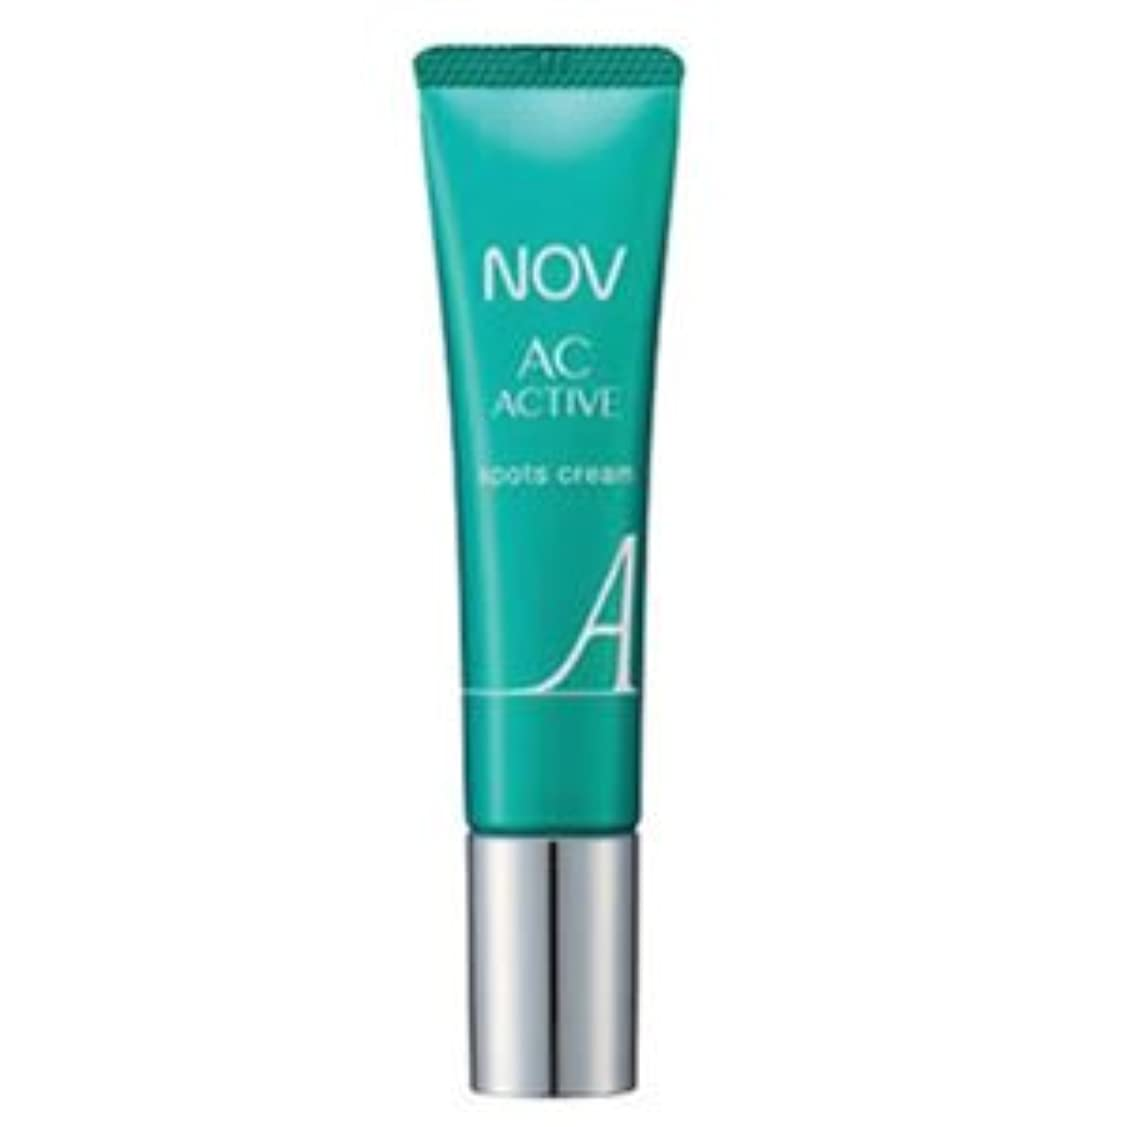 ランチョンアトラスダイヤモンドNOV ノブ ACアクティブ スポッツクリーム n 10g 医薬部外品